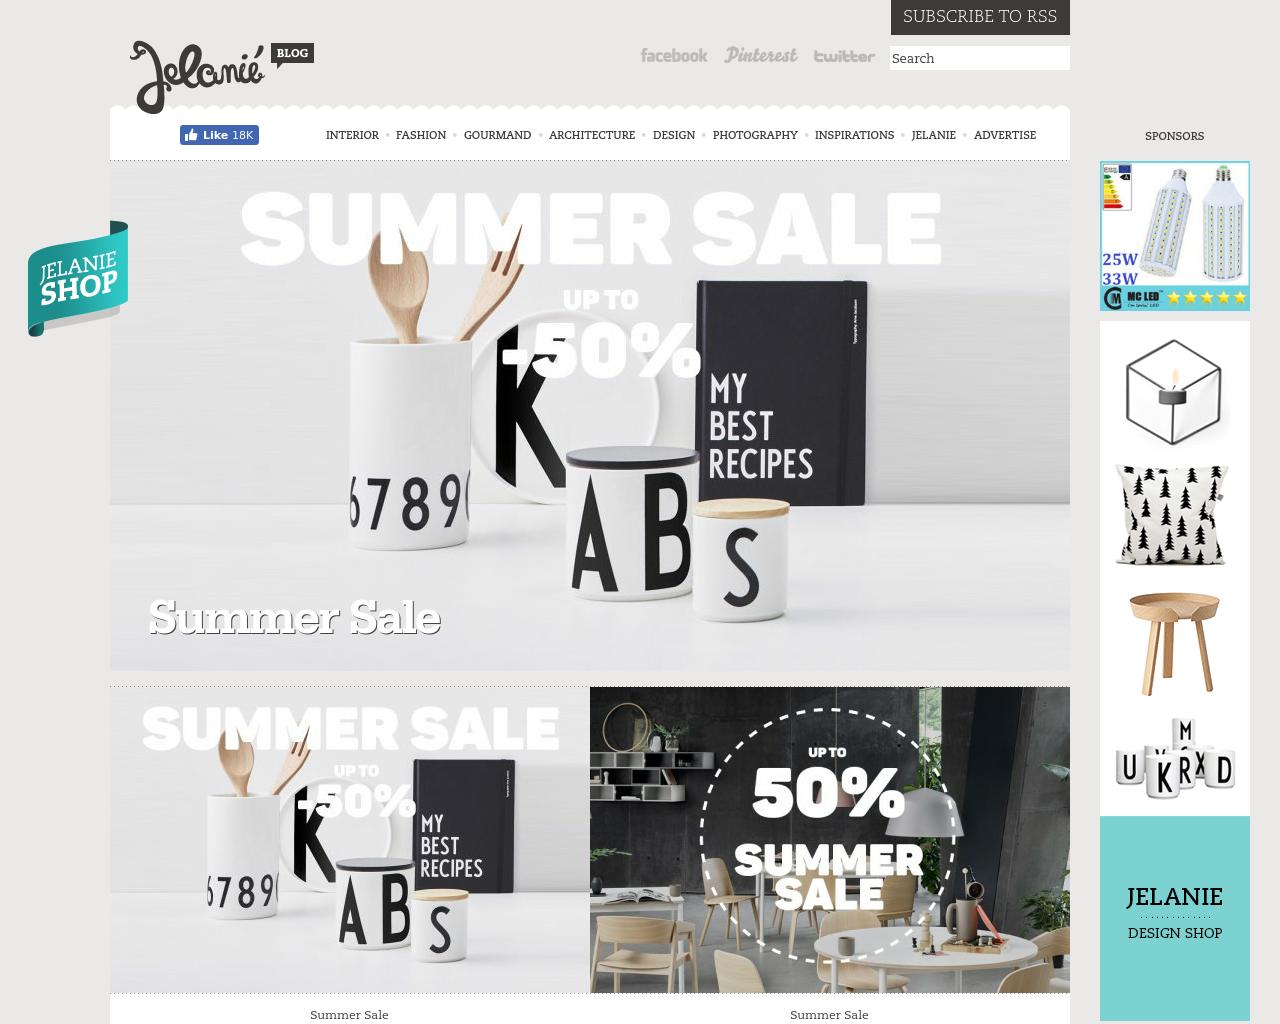 Blog.jelanieshop-Advertising-Reviews-Pricing